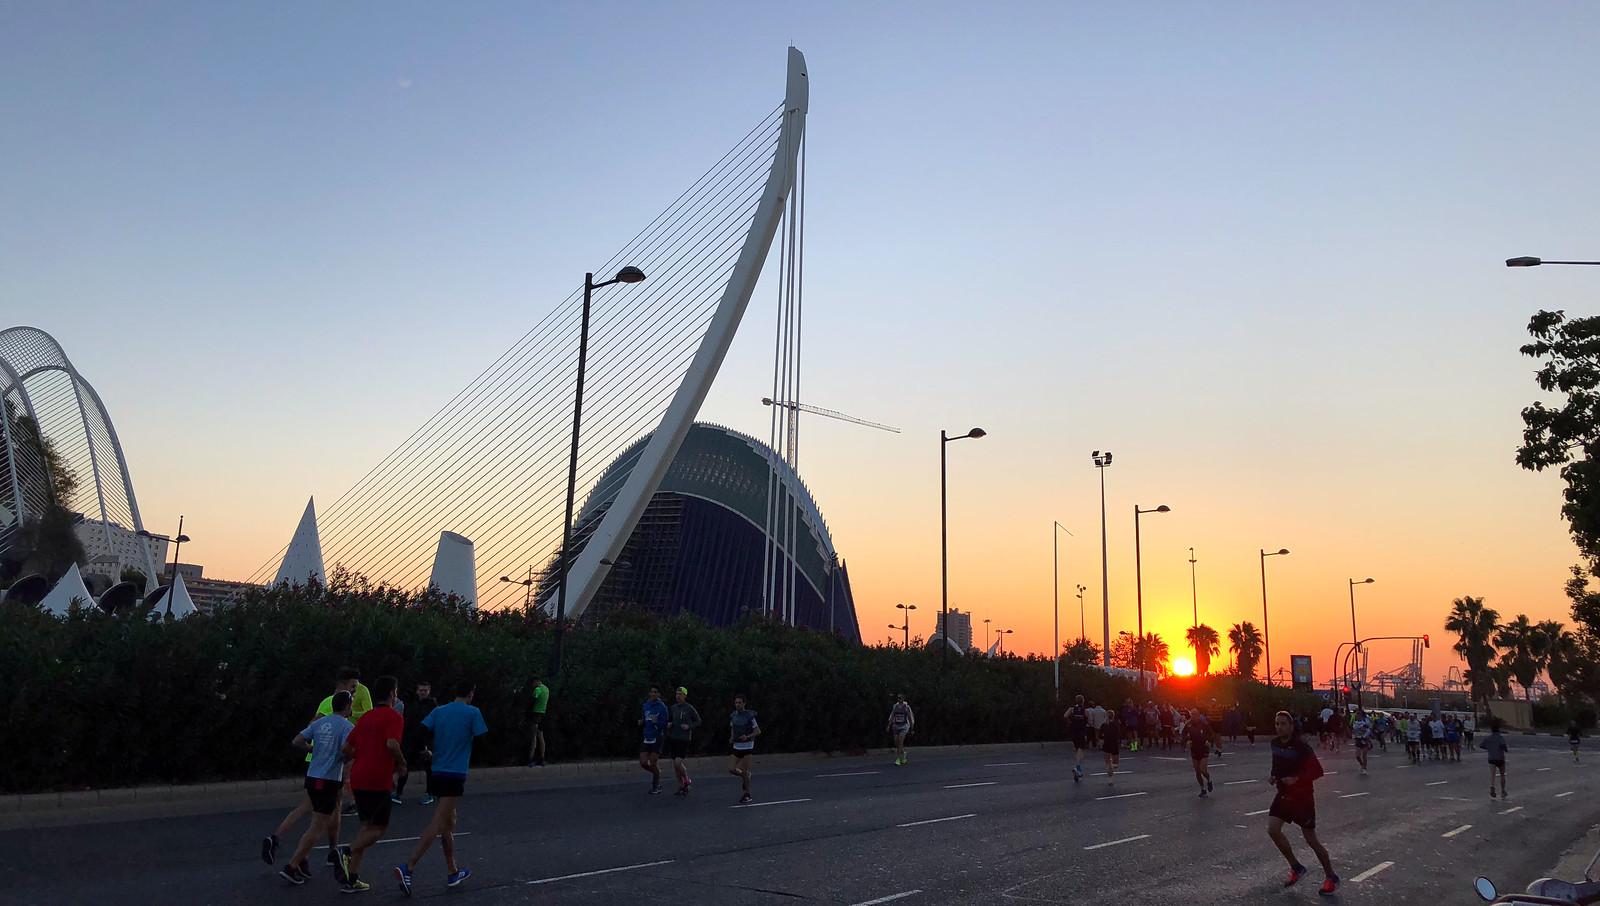 Correr el Maratón de Valencia, España - Marathon Spain maratón de valencia - 40234009863 a9468c02cb h - Maratón de Valencia: análisis, recorrido, entrenamiento y recomendaciones de viaje